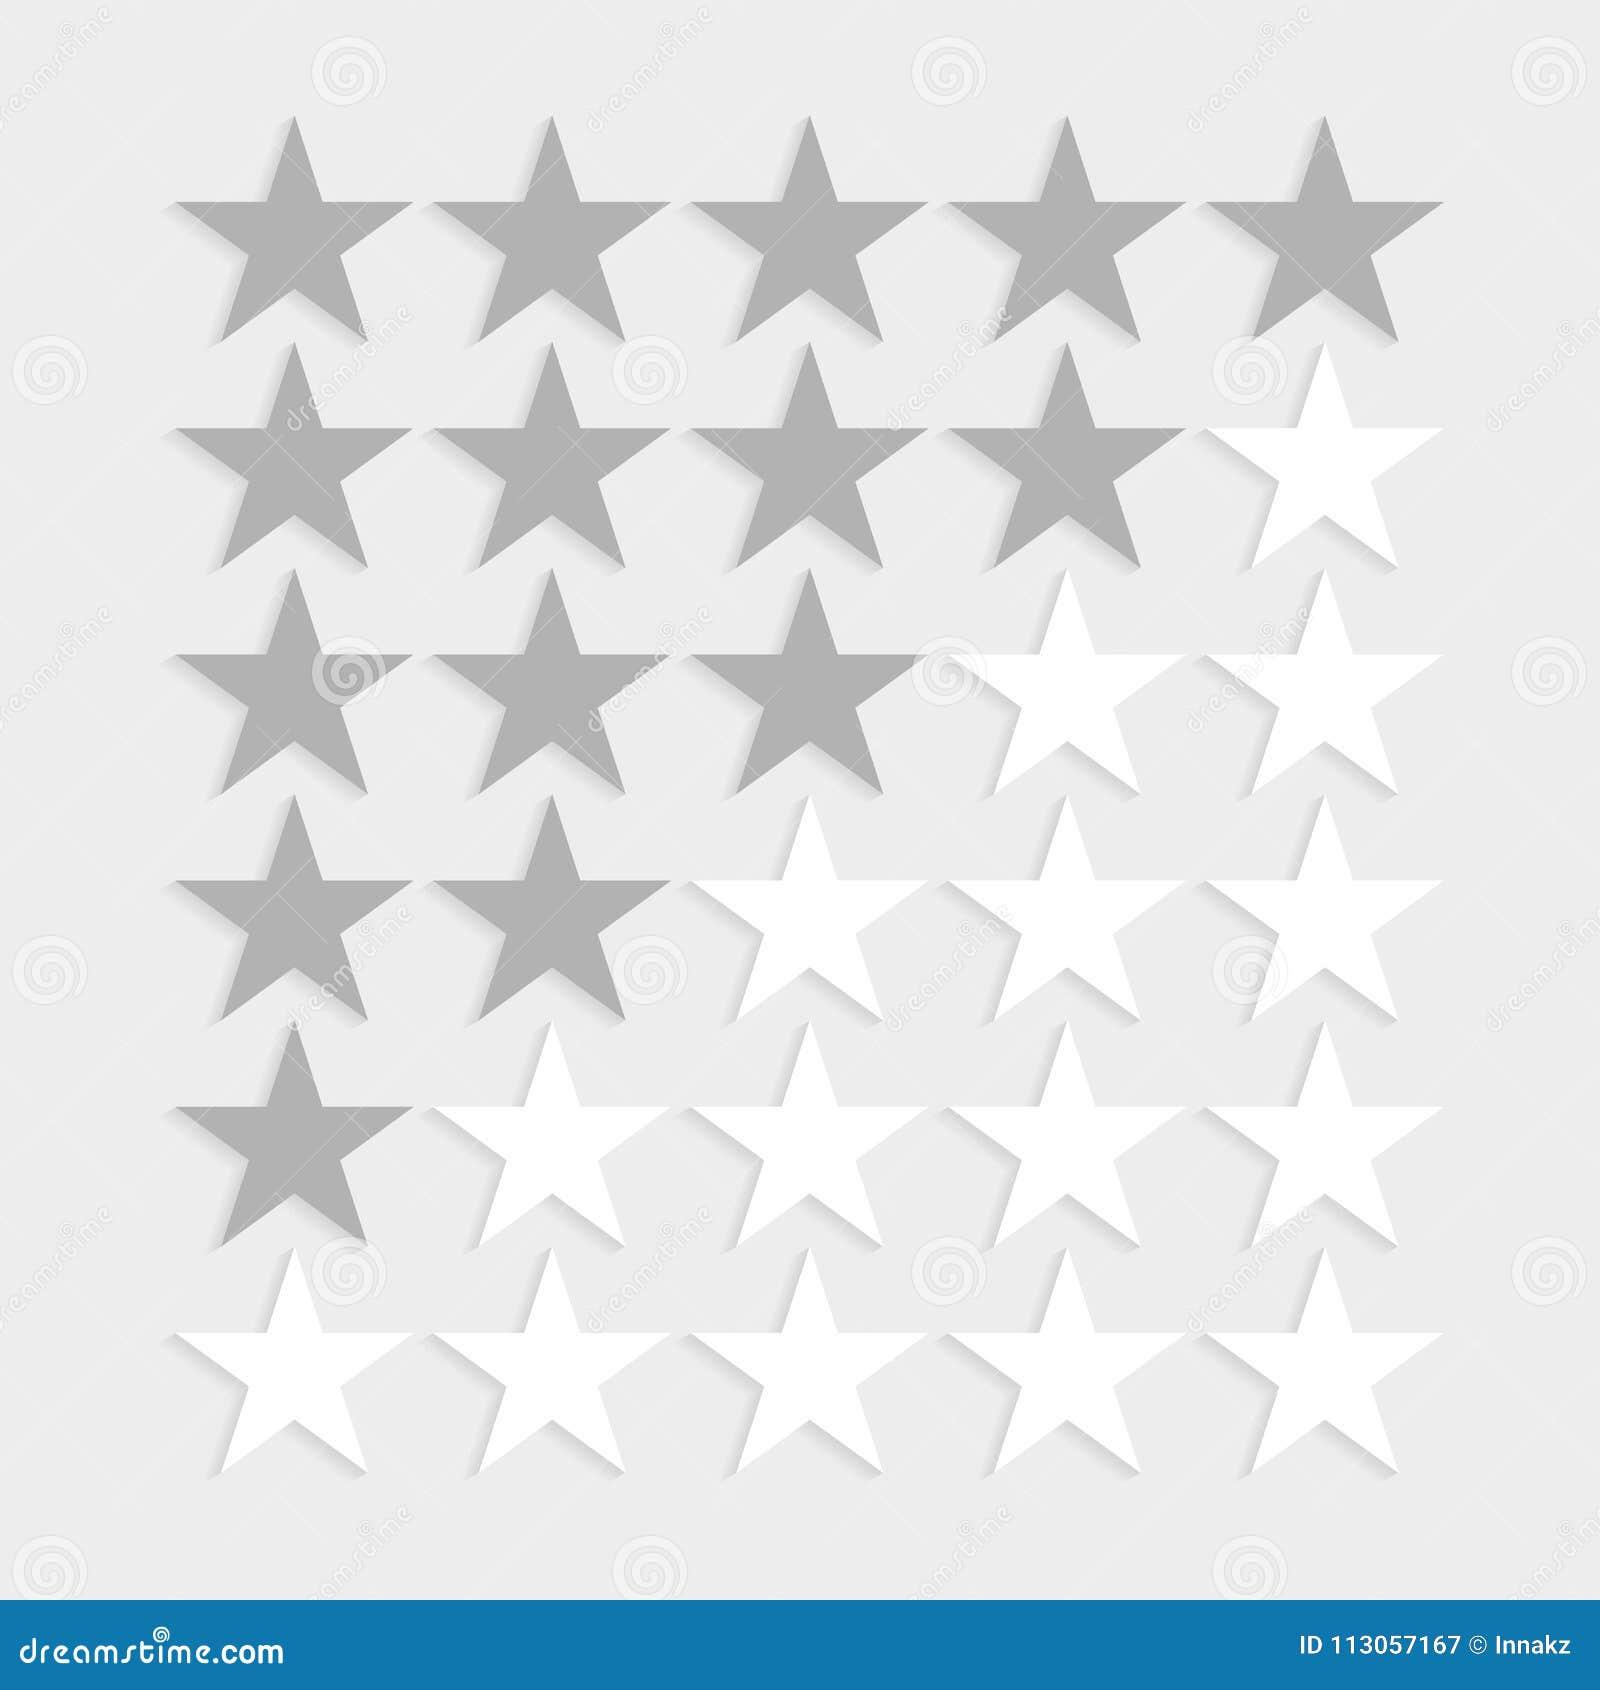 Sternbewertungssymbole